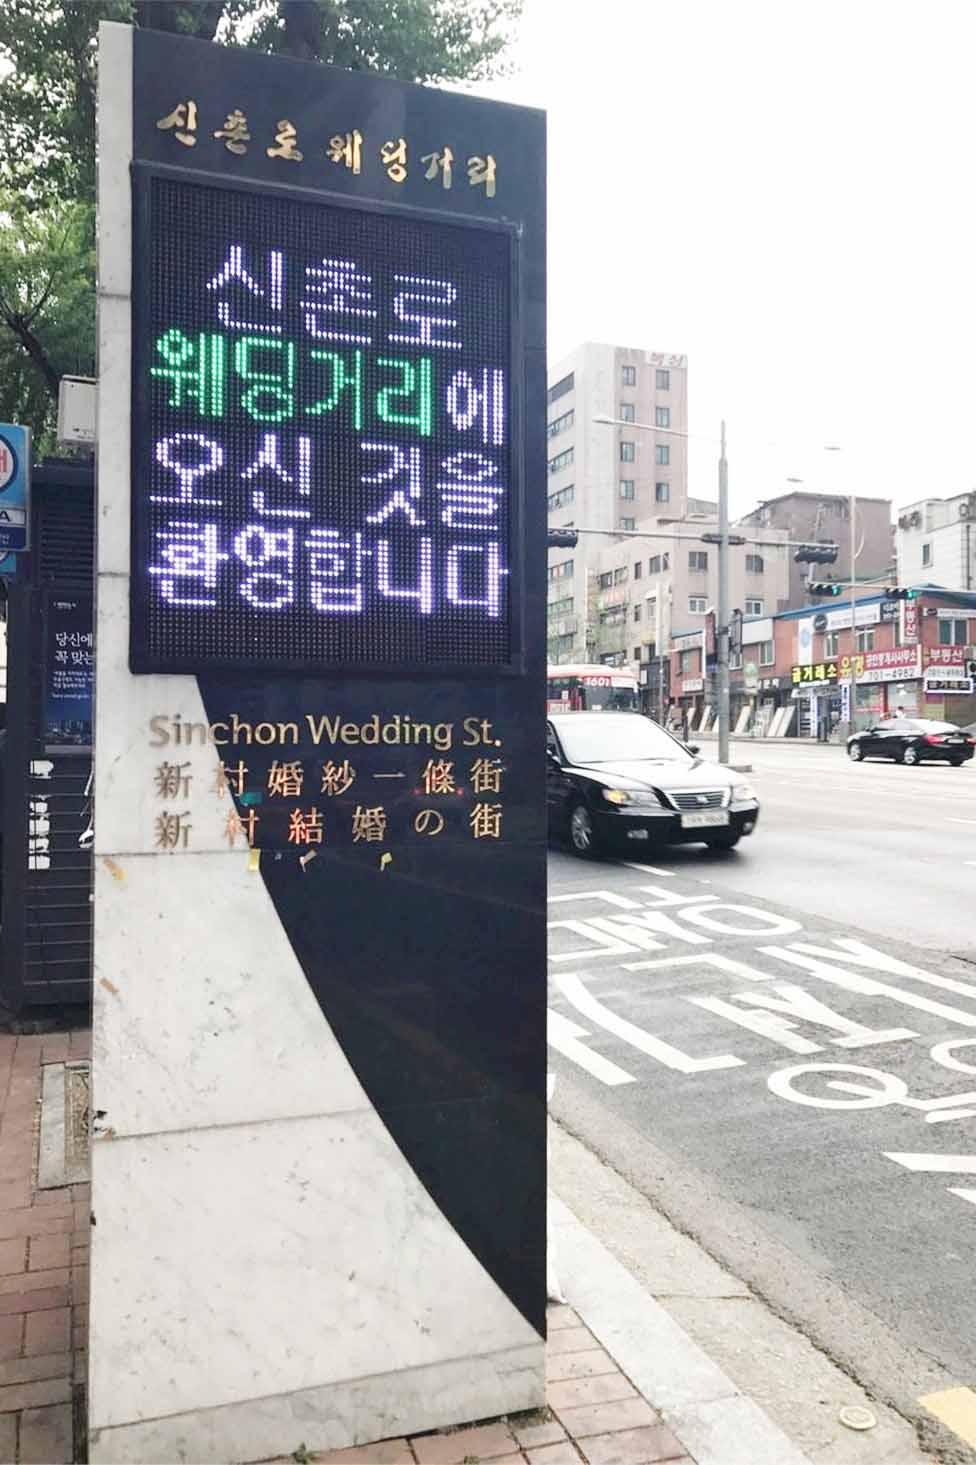 阿峴洞婚紗一條街_韓國購物_韓遊網